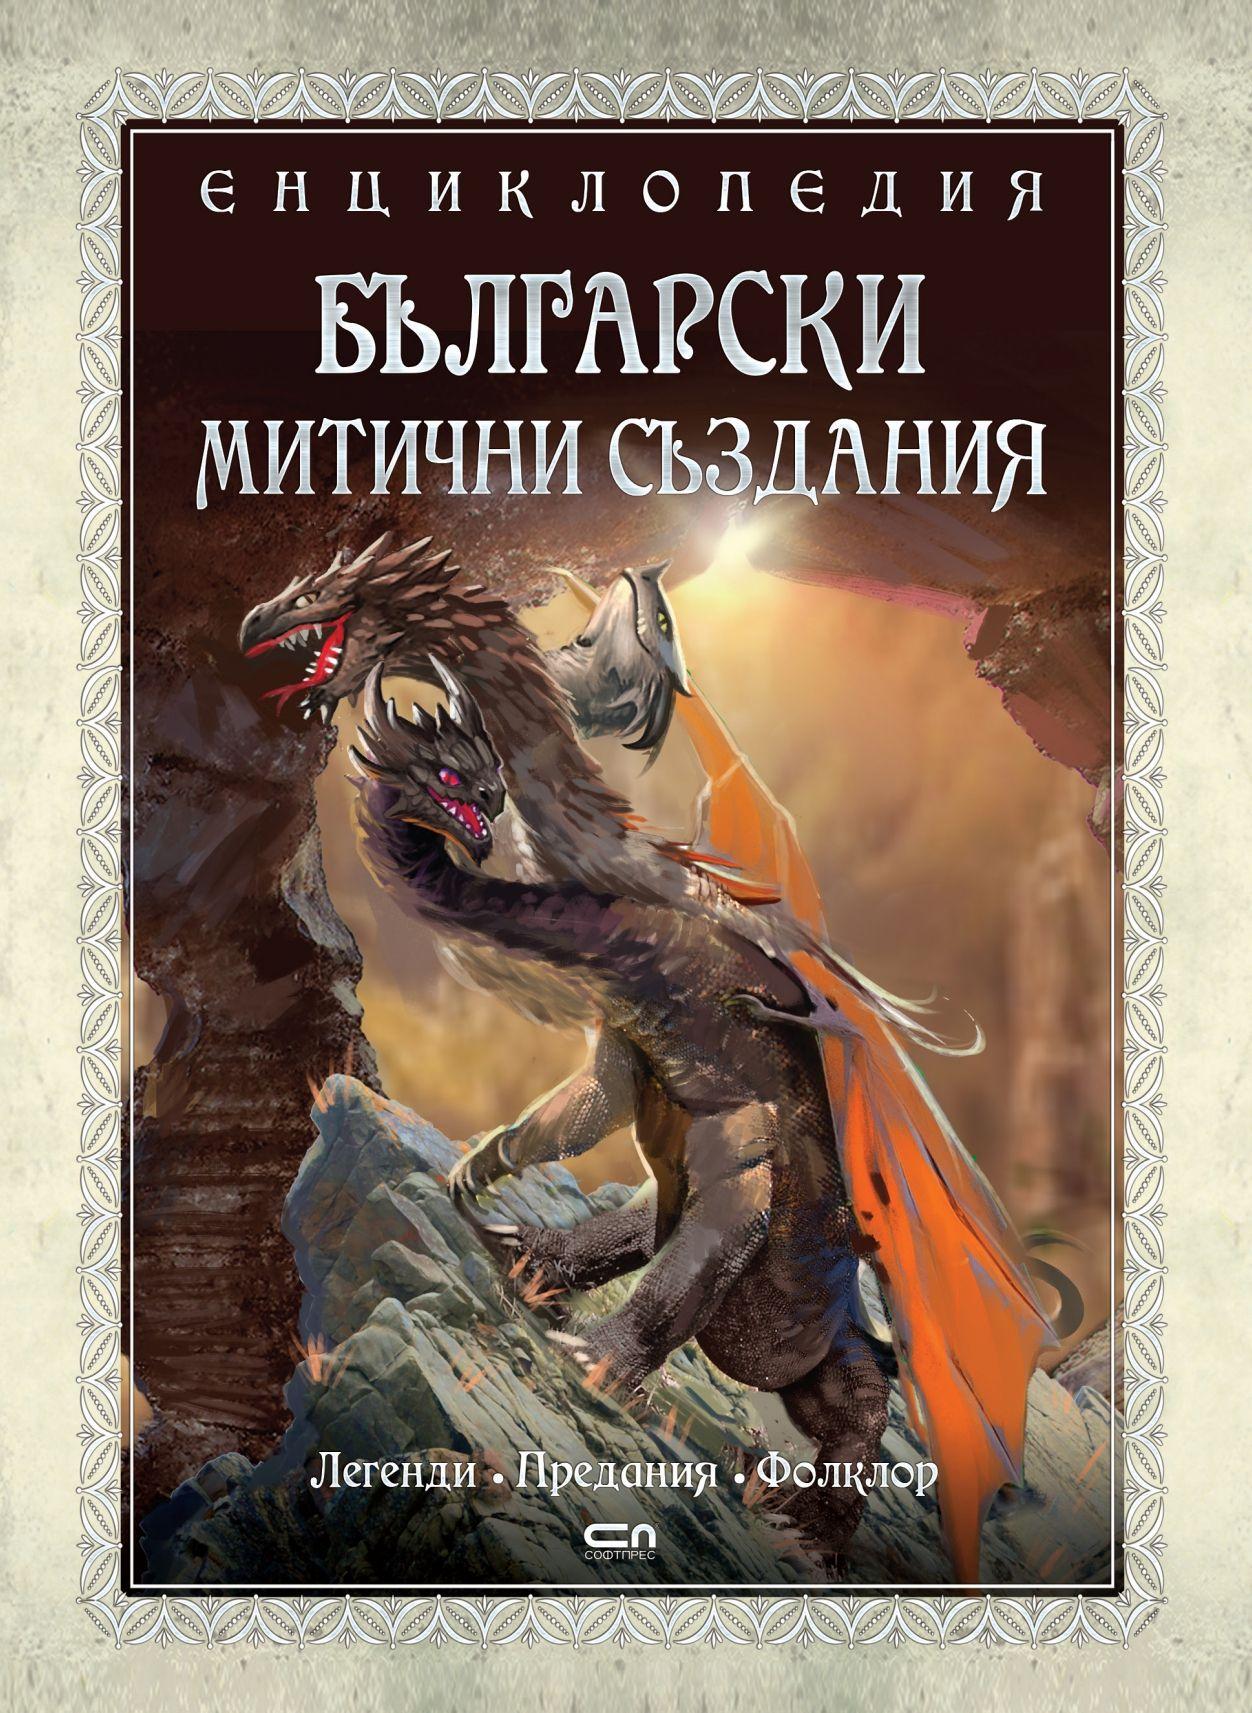 Енциклопедия: Български митични създания - 1